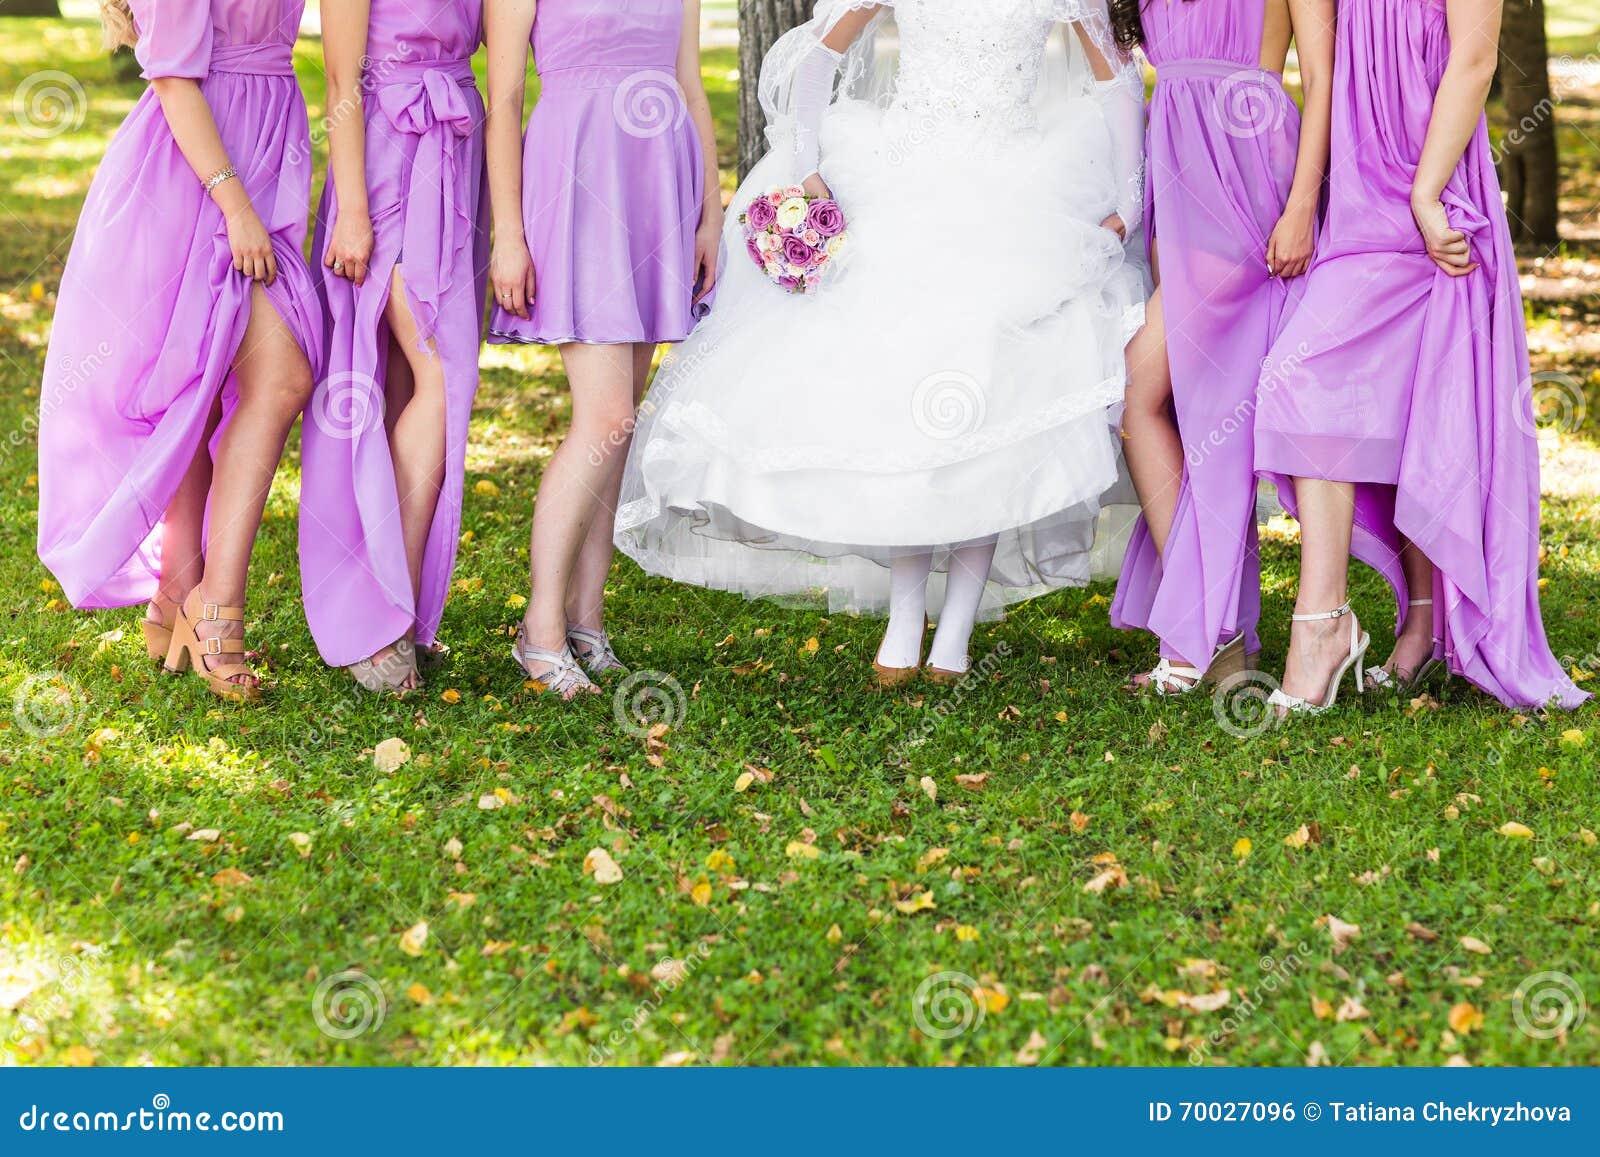 skor på bröllop